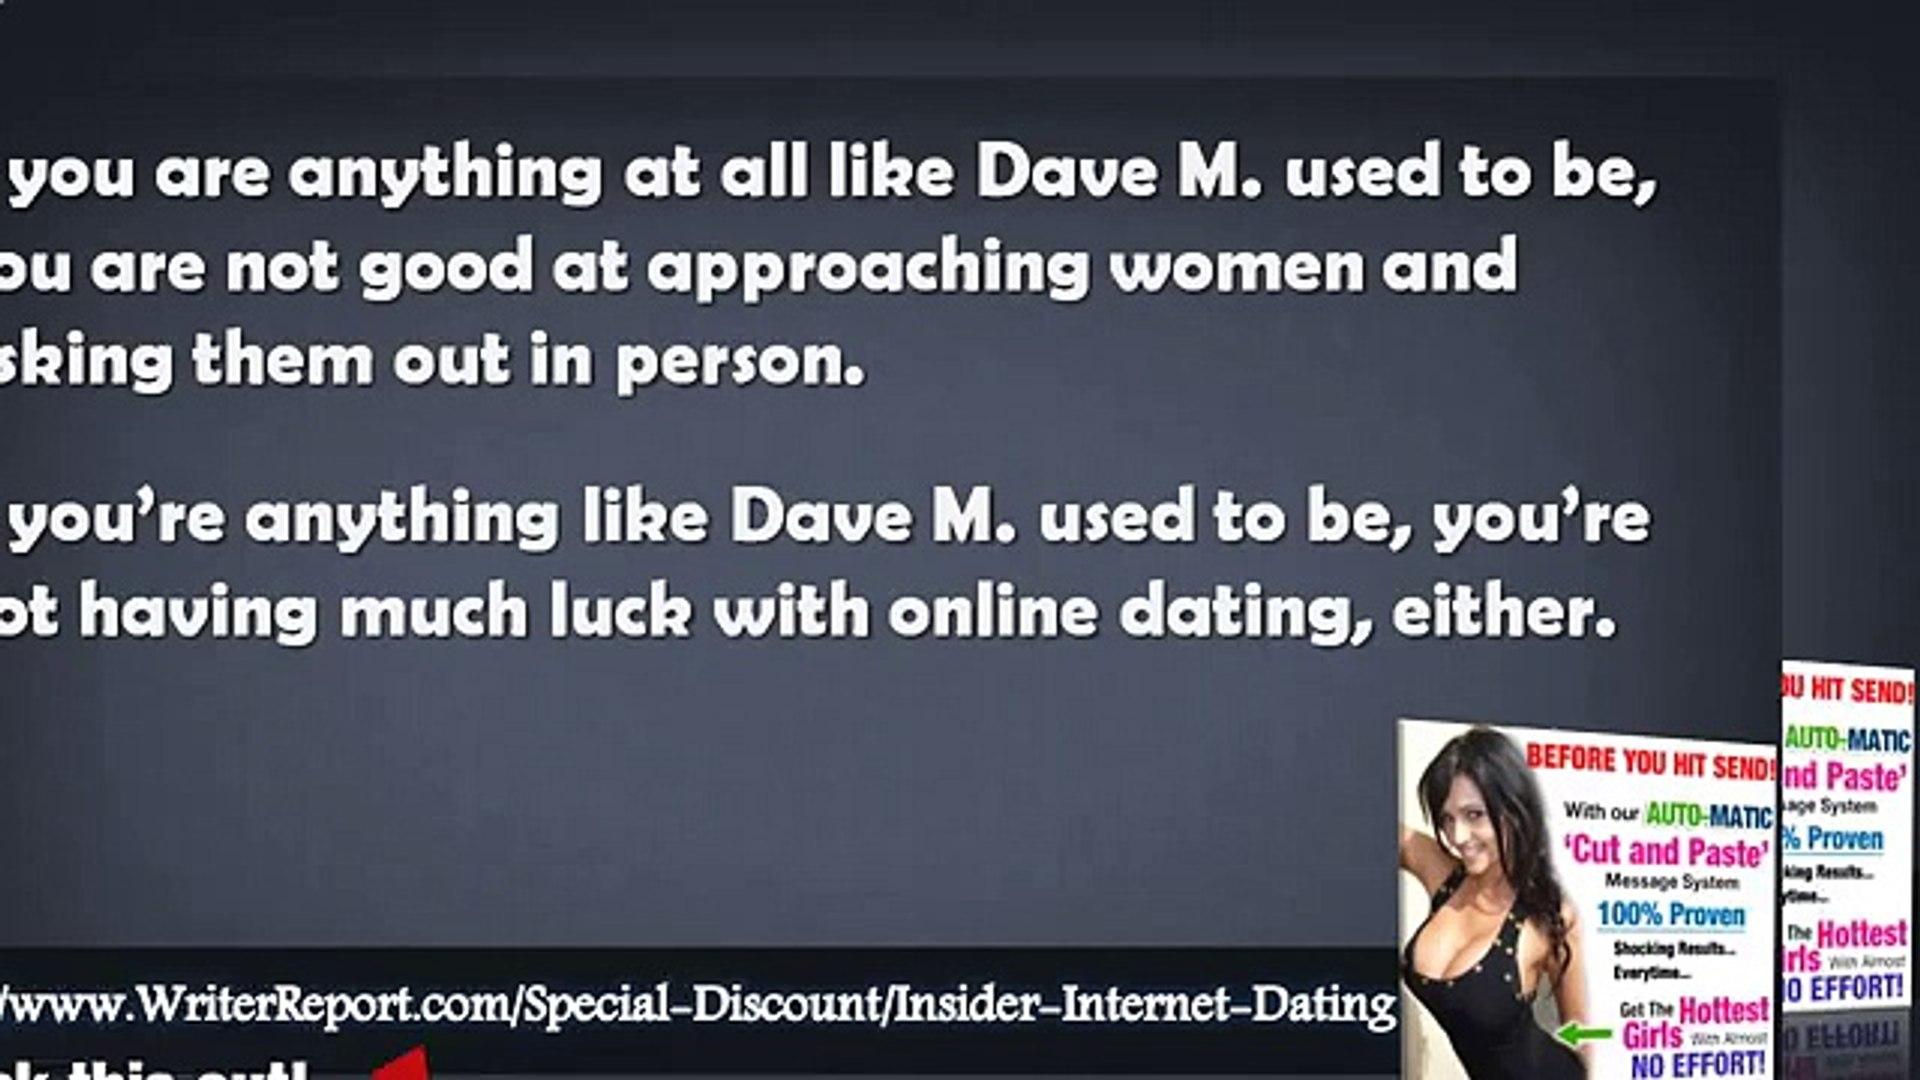 dave m insider internet dating